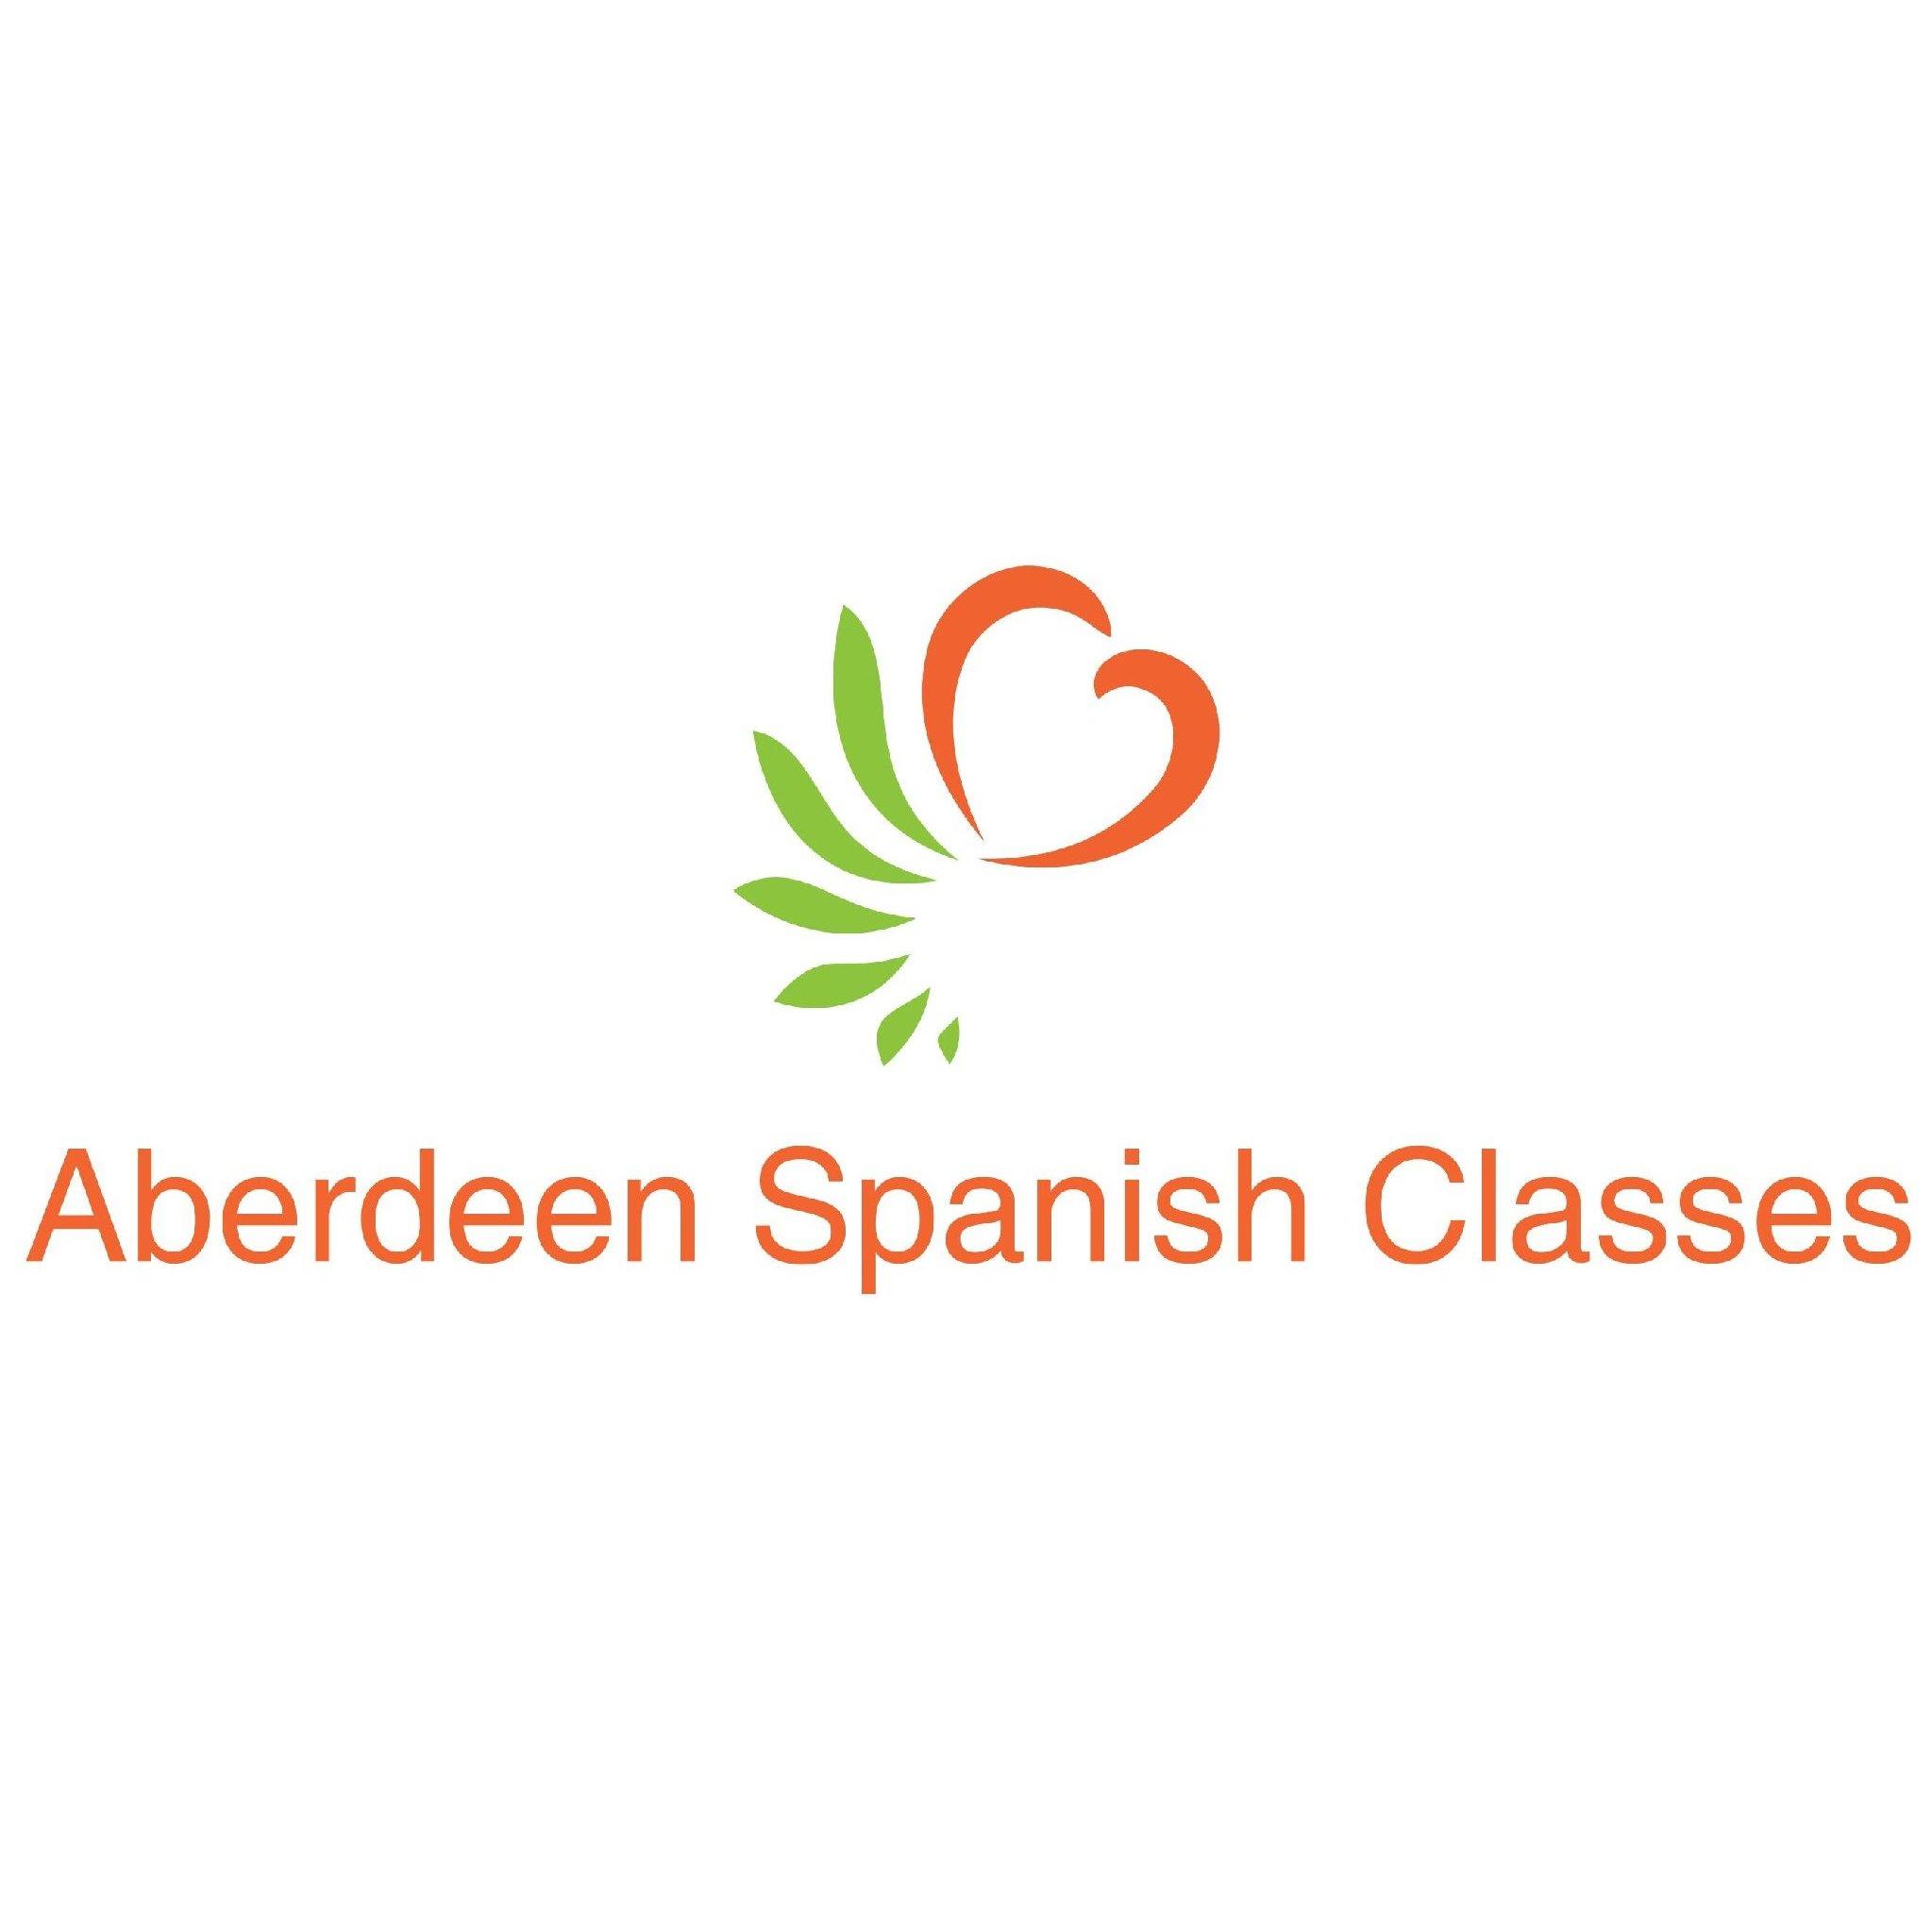 Aberdeen Spanish Classes - Aberdeen, Aberdeenshire AB10 6XB - 07495 261059 | ShowMeLocal.com